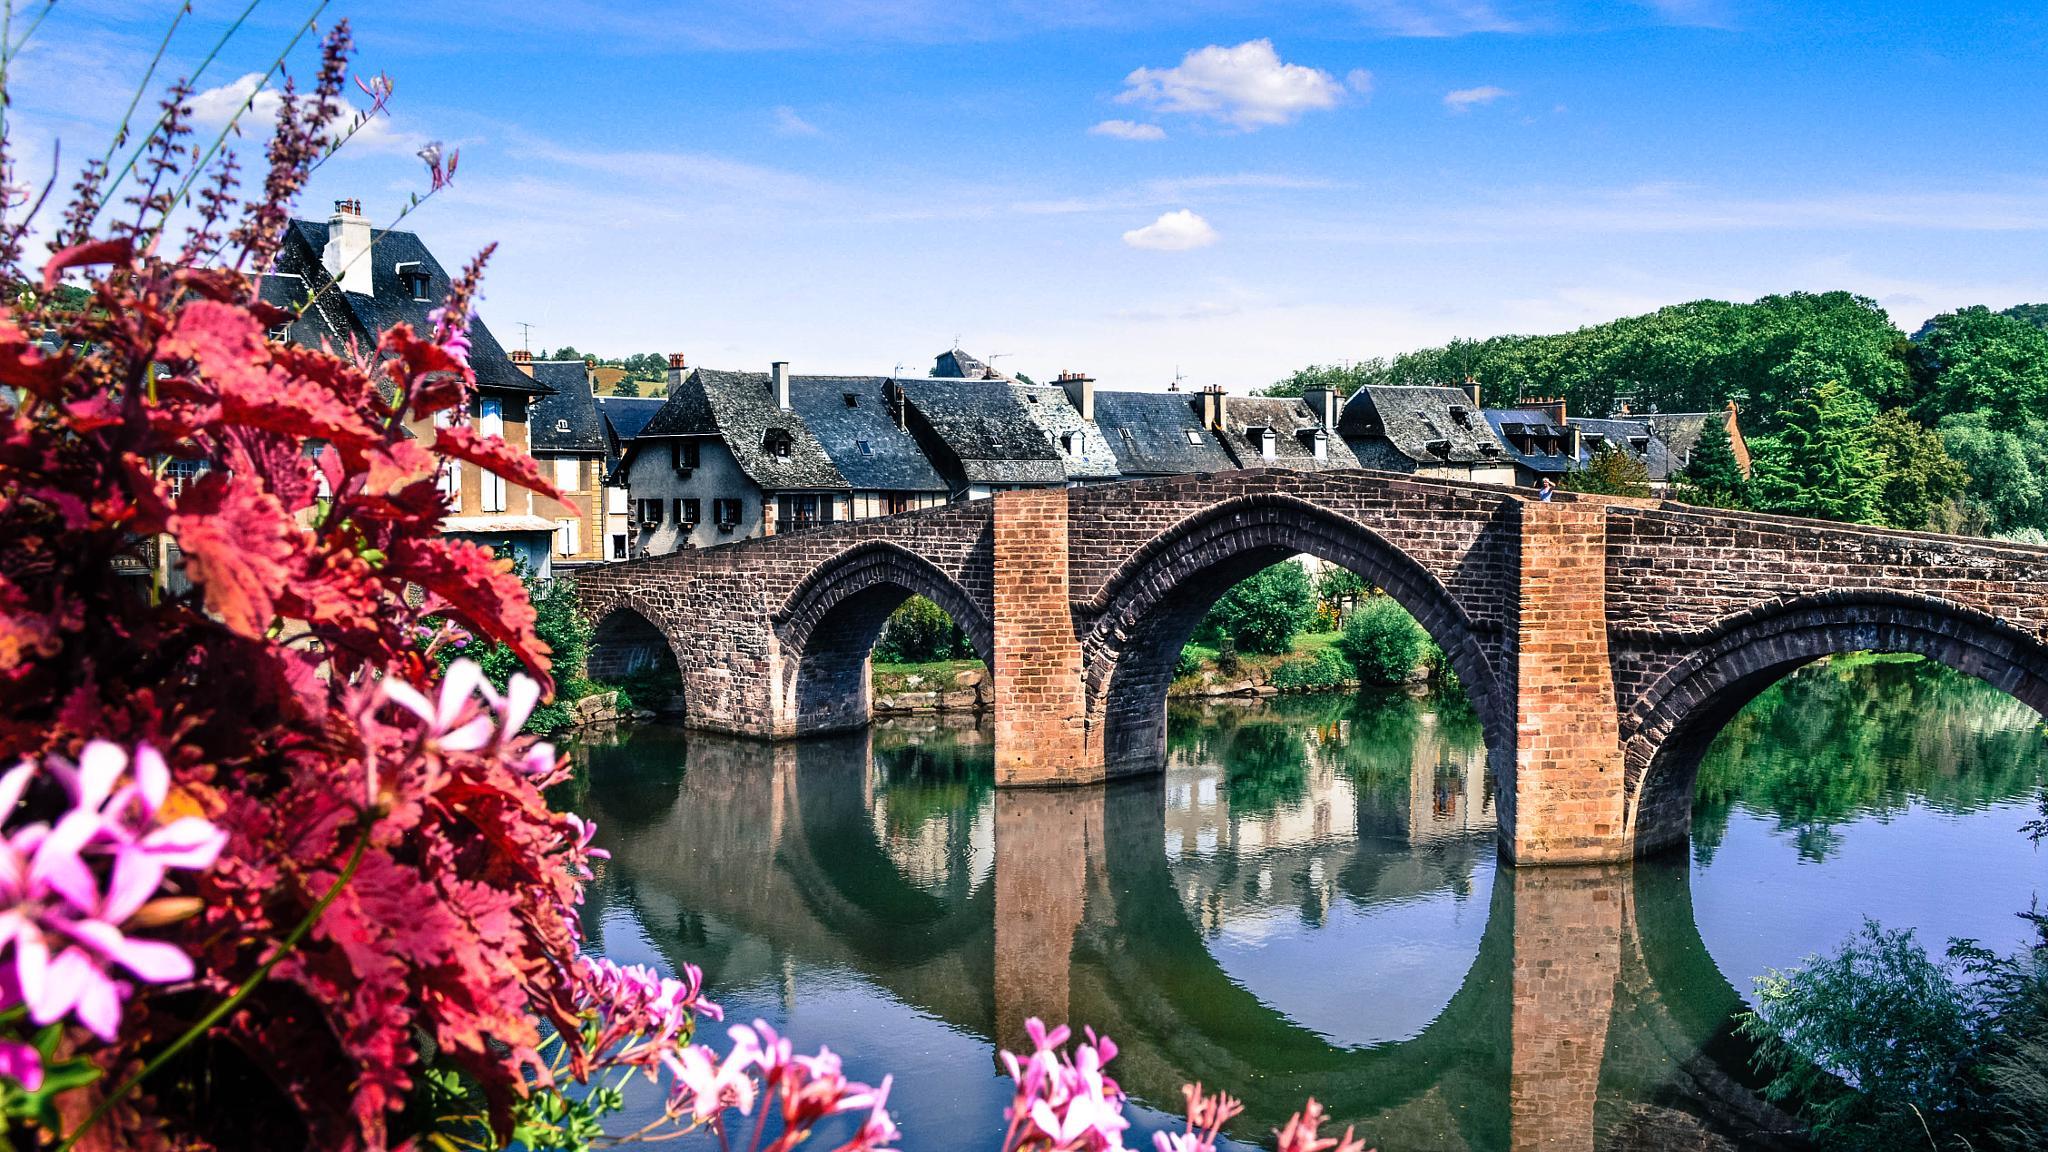 BRIDGE OF LAGUIOLE by AntoineHenquezPhotography